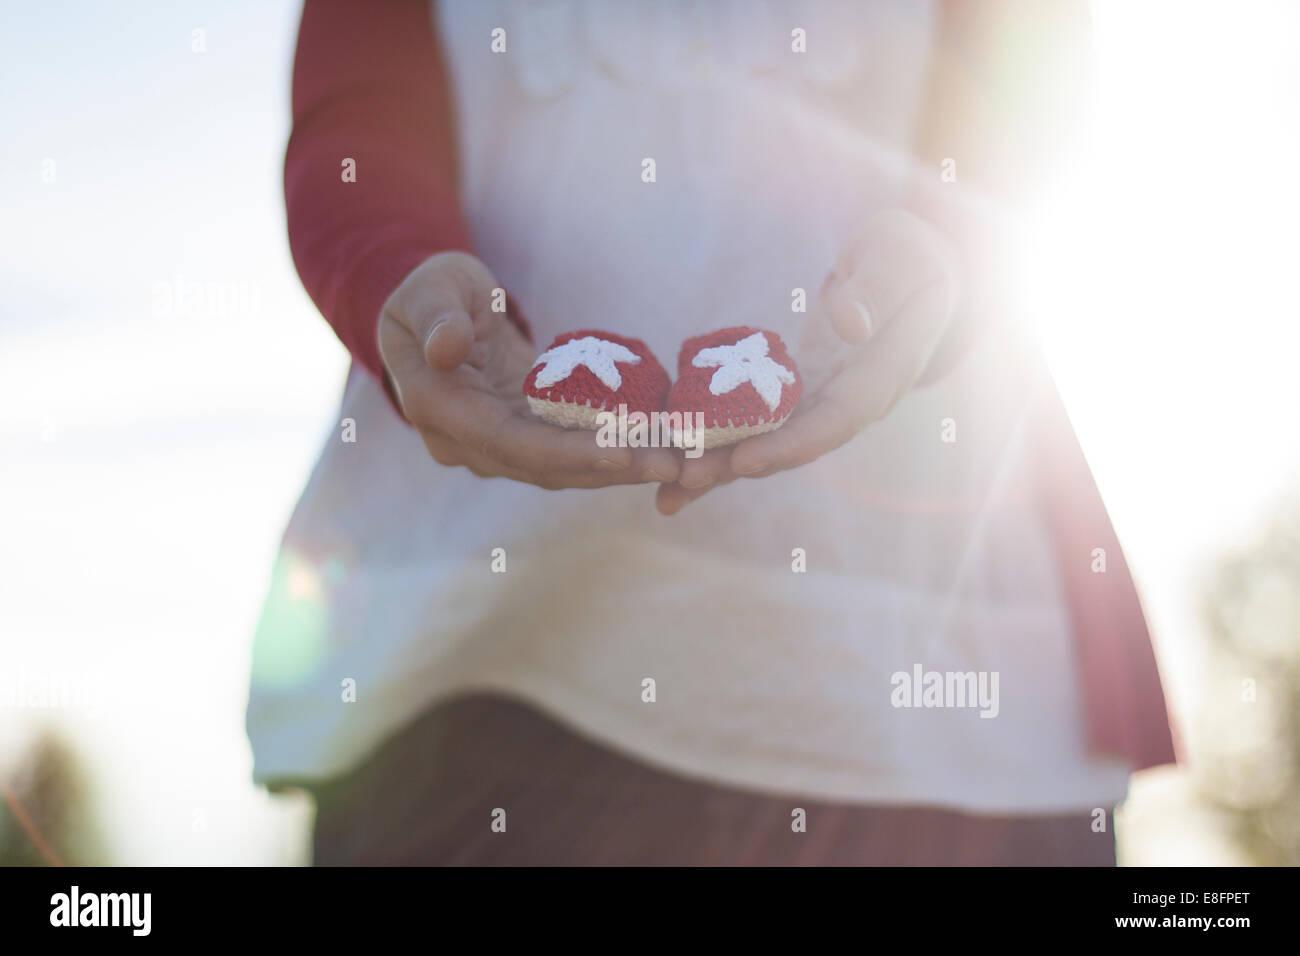 Schwangere Frau mit kleinen Baby-Schuhe Stockbild